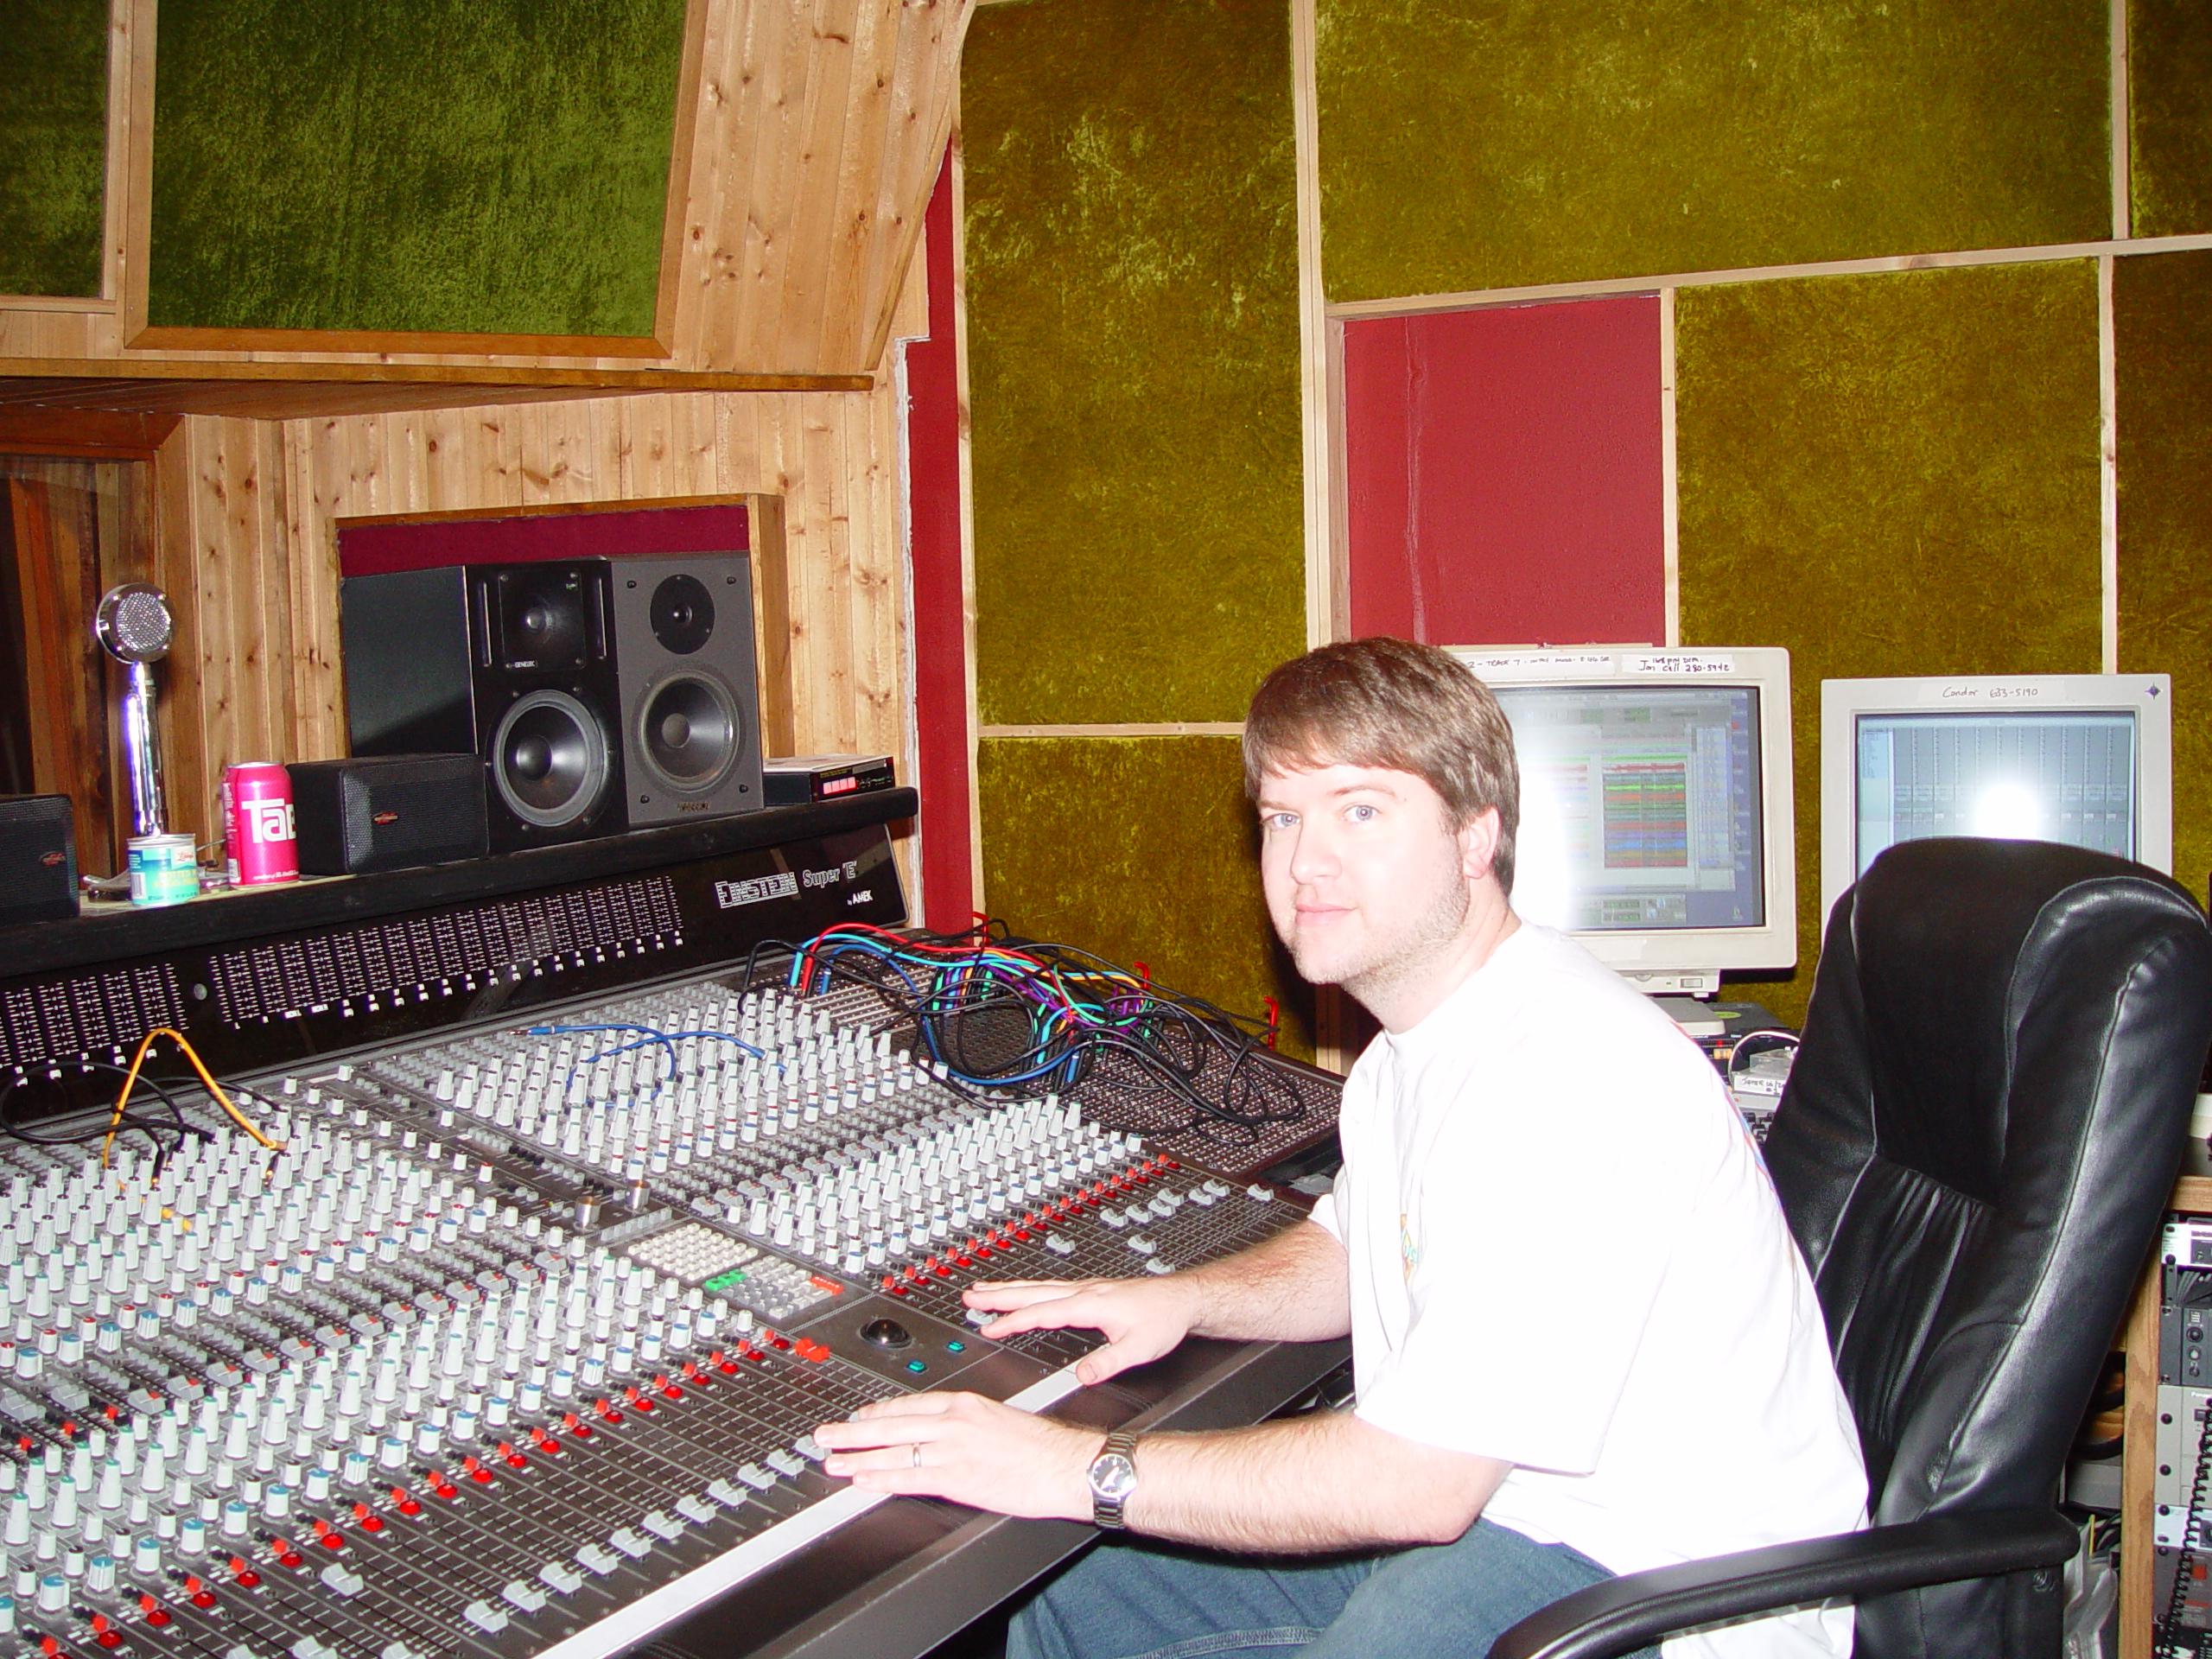 Producer/Engineer Stephen Sherrard at Jupiter Studios